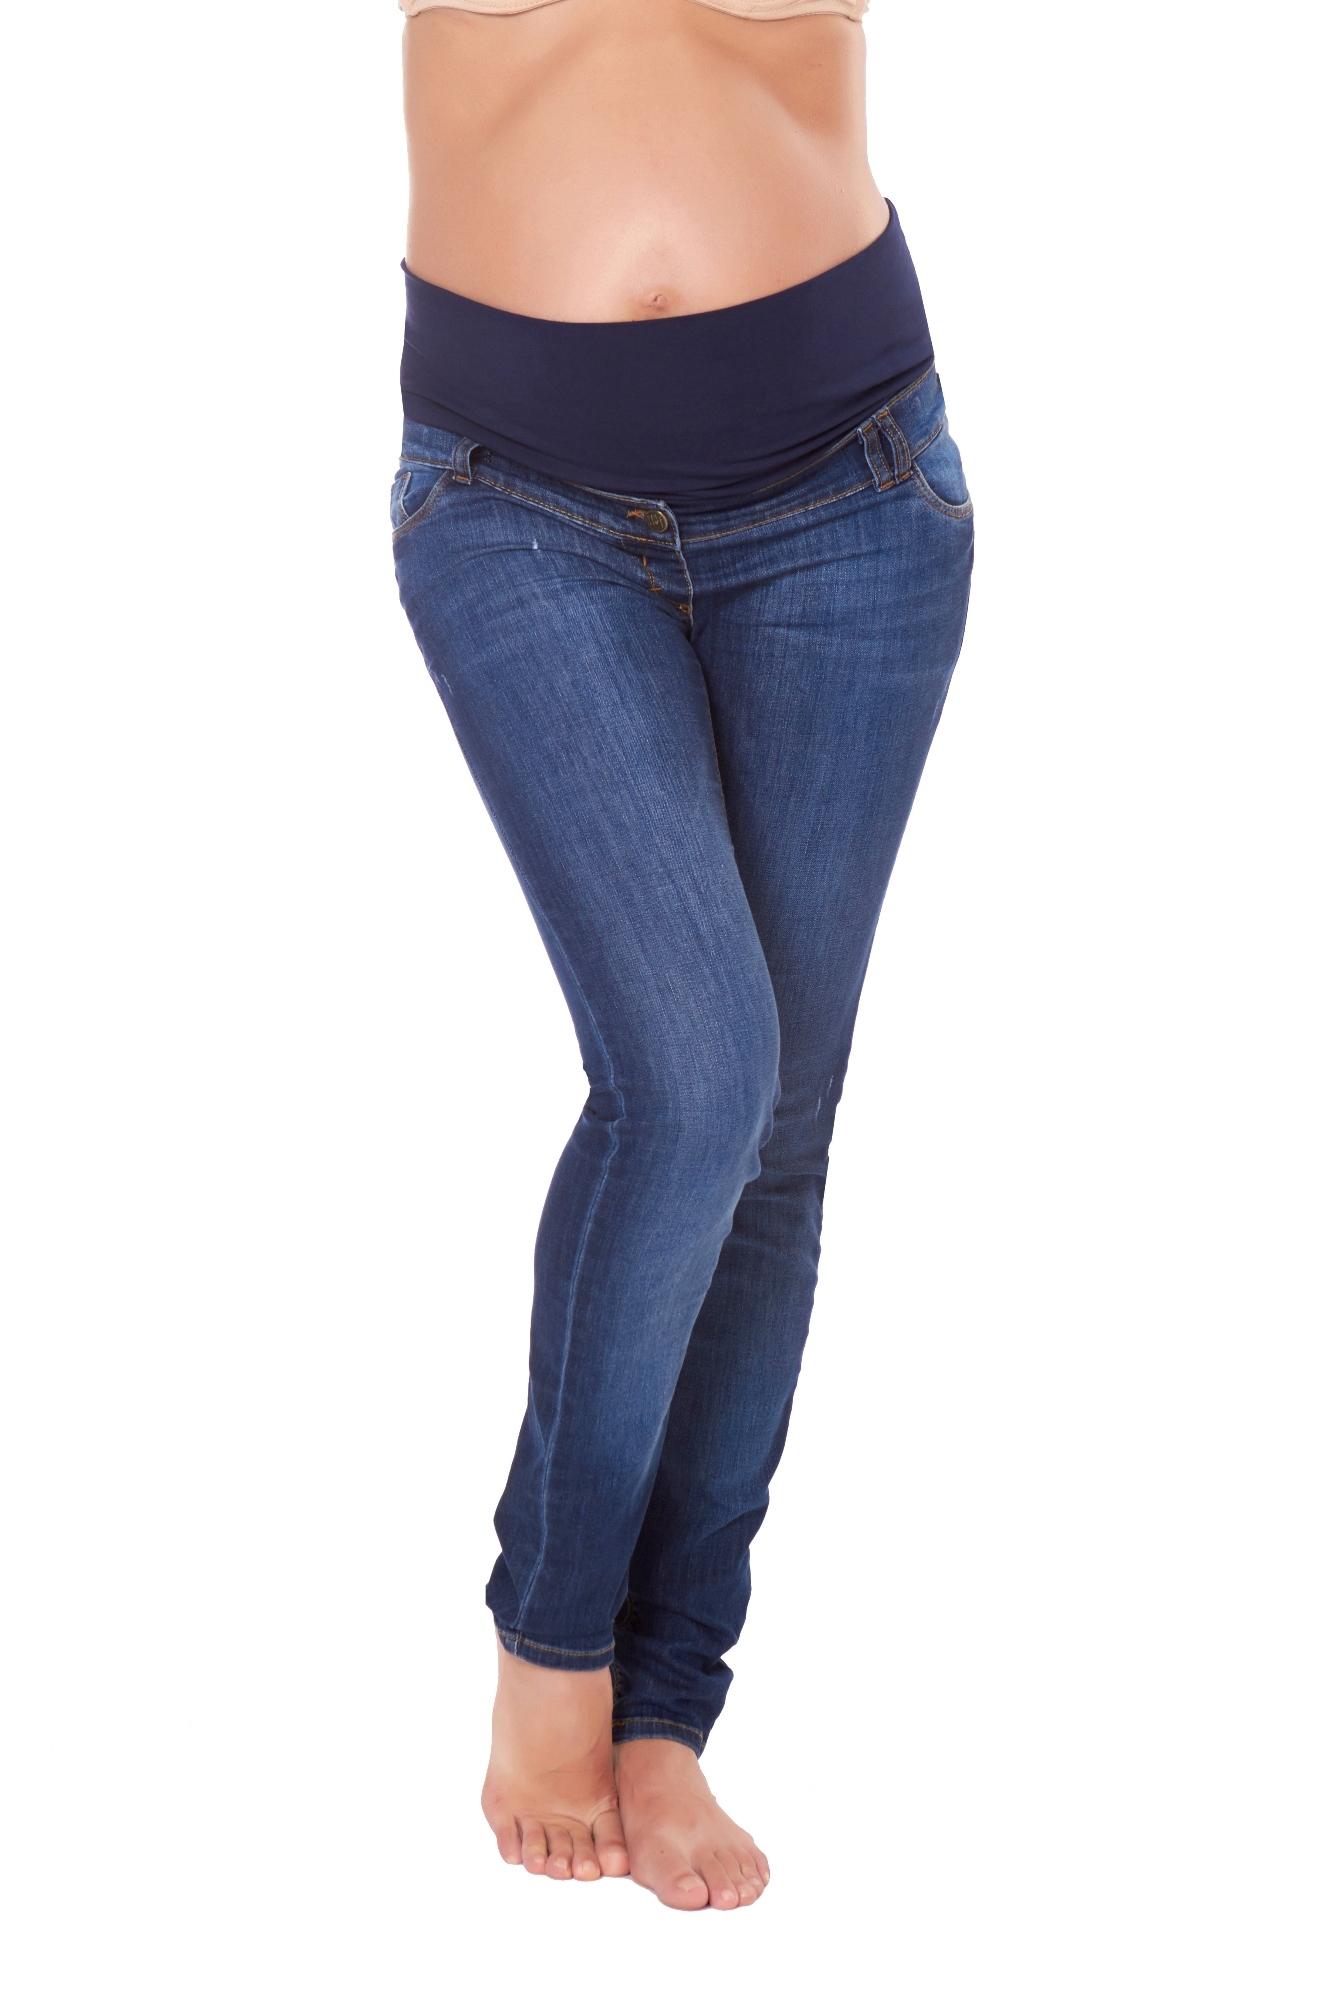 Фото джинсы для беременных MAMA`S FANTASY, зауженные, широкий бандаж, средняя посадка от магазина СкороМама, синий, размеры.